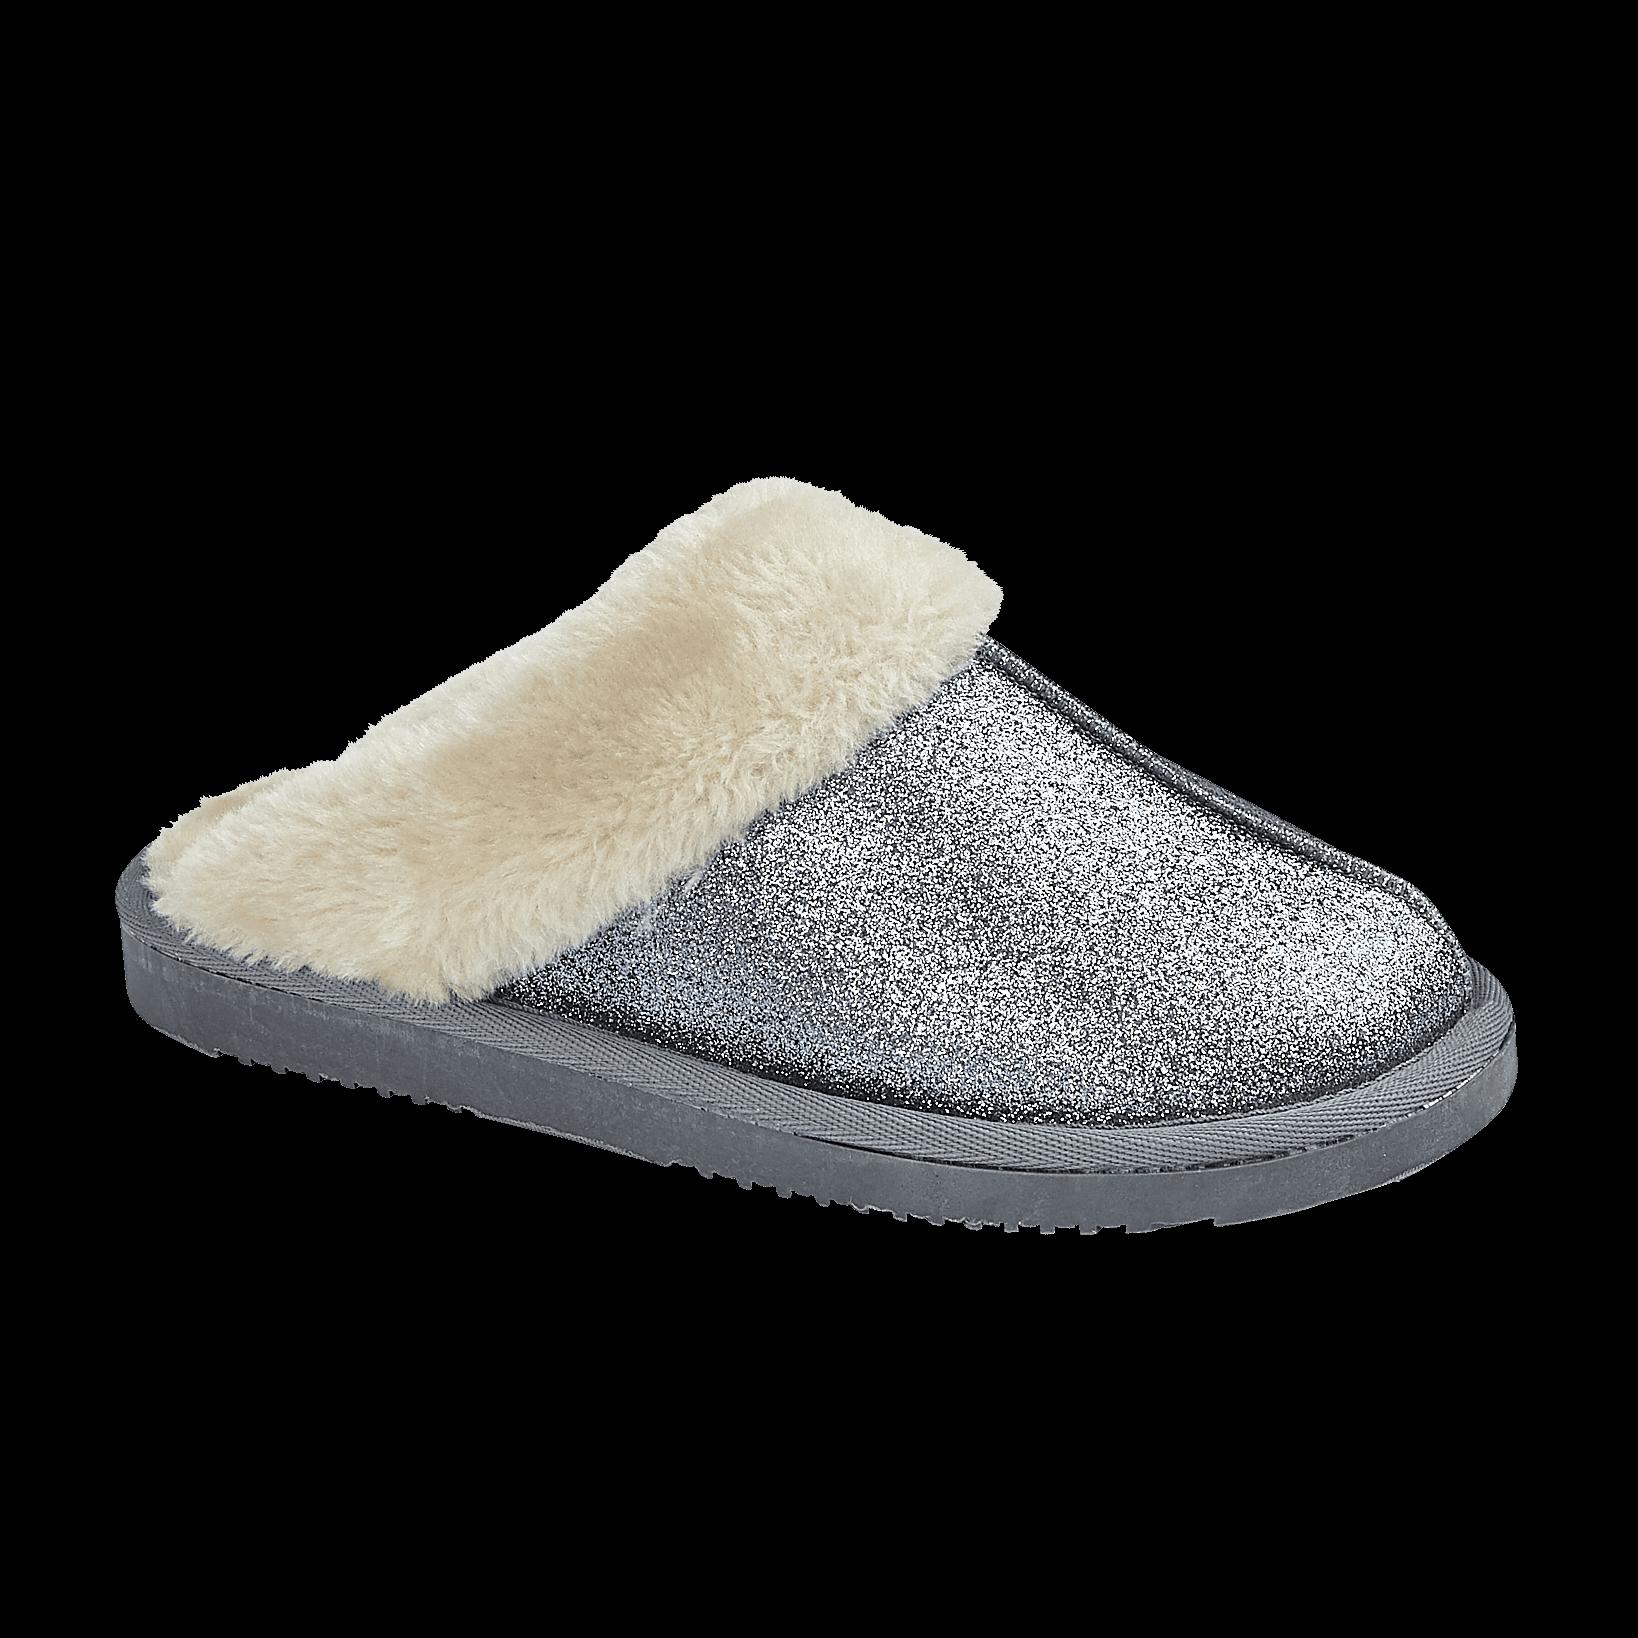 miniatuur 23 - Jo & Joe Womens Luxury Slippers Winter Warm Fur Slip On Flat Mule Bootie Girls